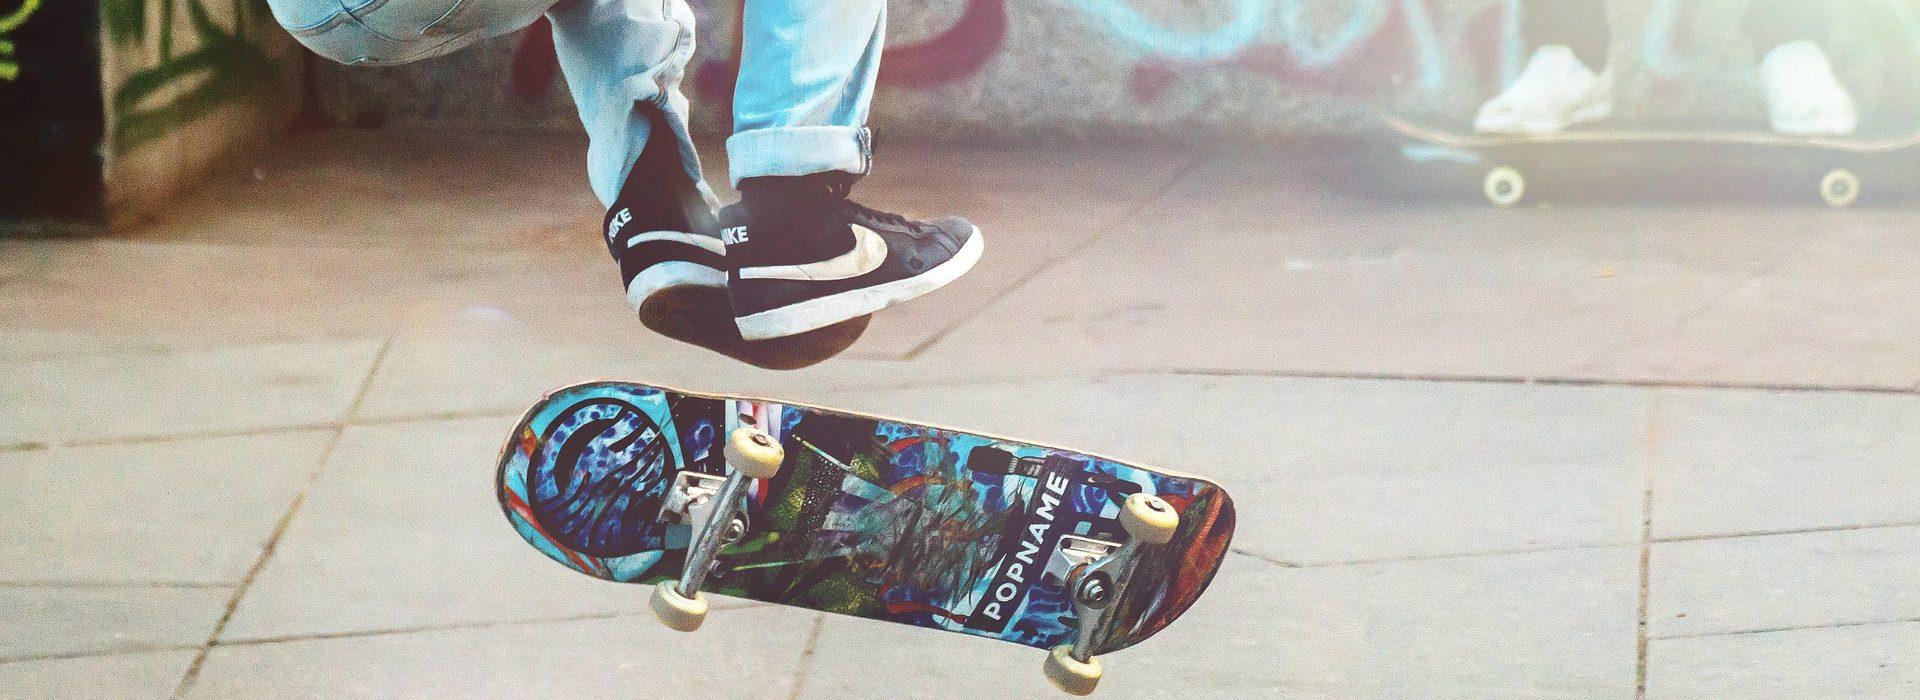 skateboarder-2